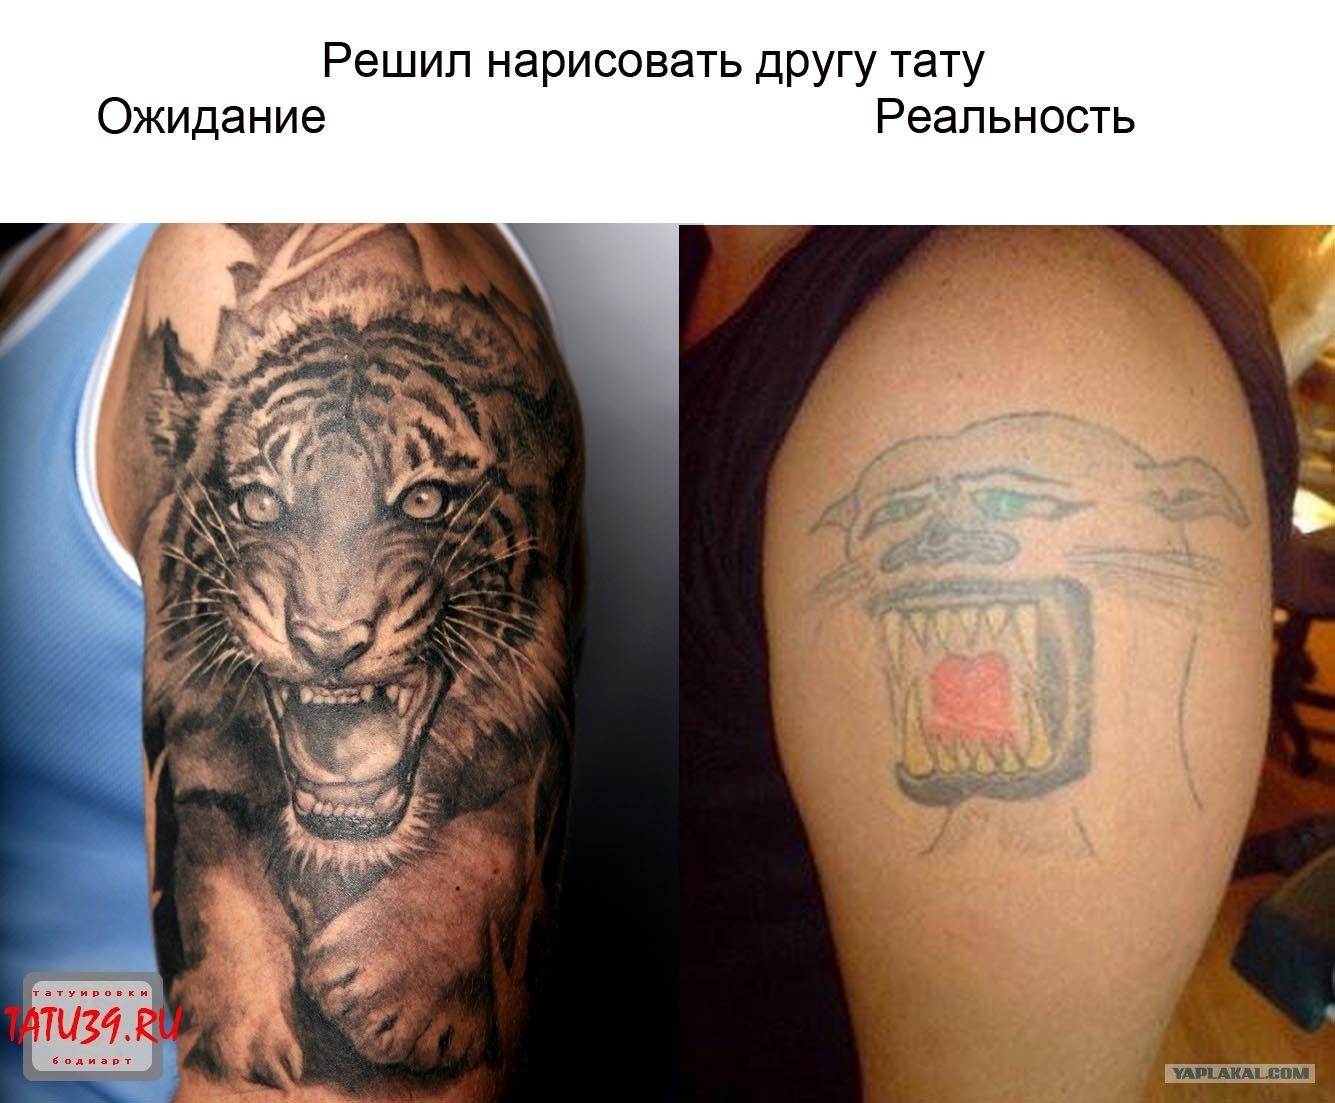 Как принимать душ с новой татуировкой - wikiHow 32